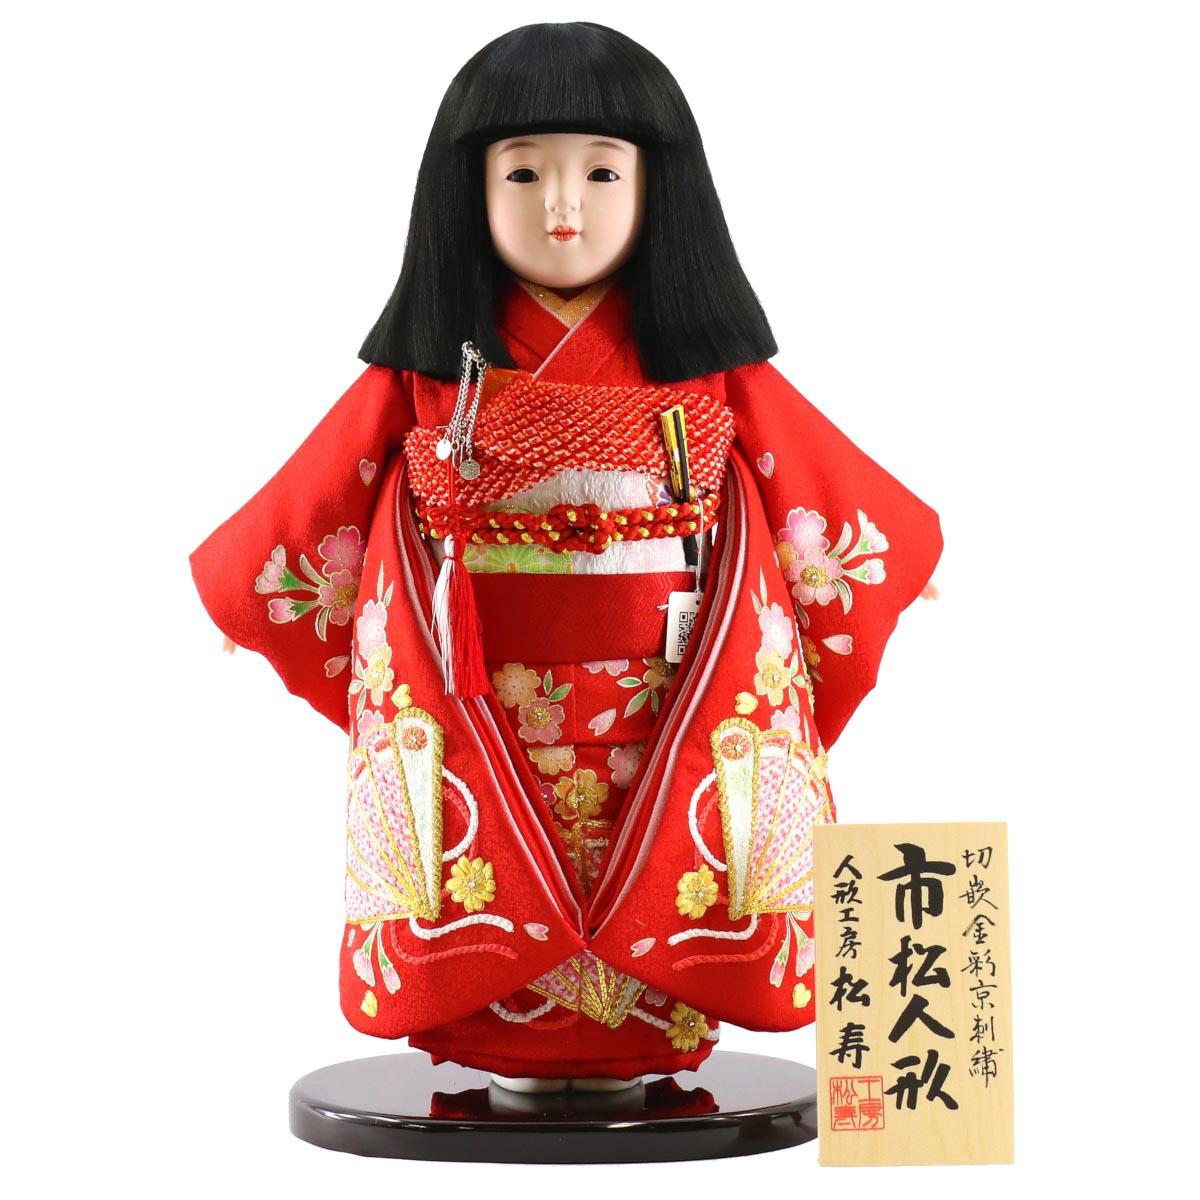 雛人形 松寿 市松人形 松寿作 市松人形 切嵌金彩刺繍 扇 市松 ICMY-BM13580-14 (尺)ひな人形 かわいい おしゃれ インテリア